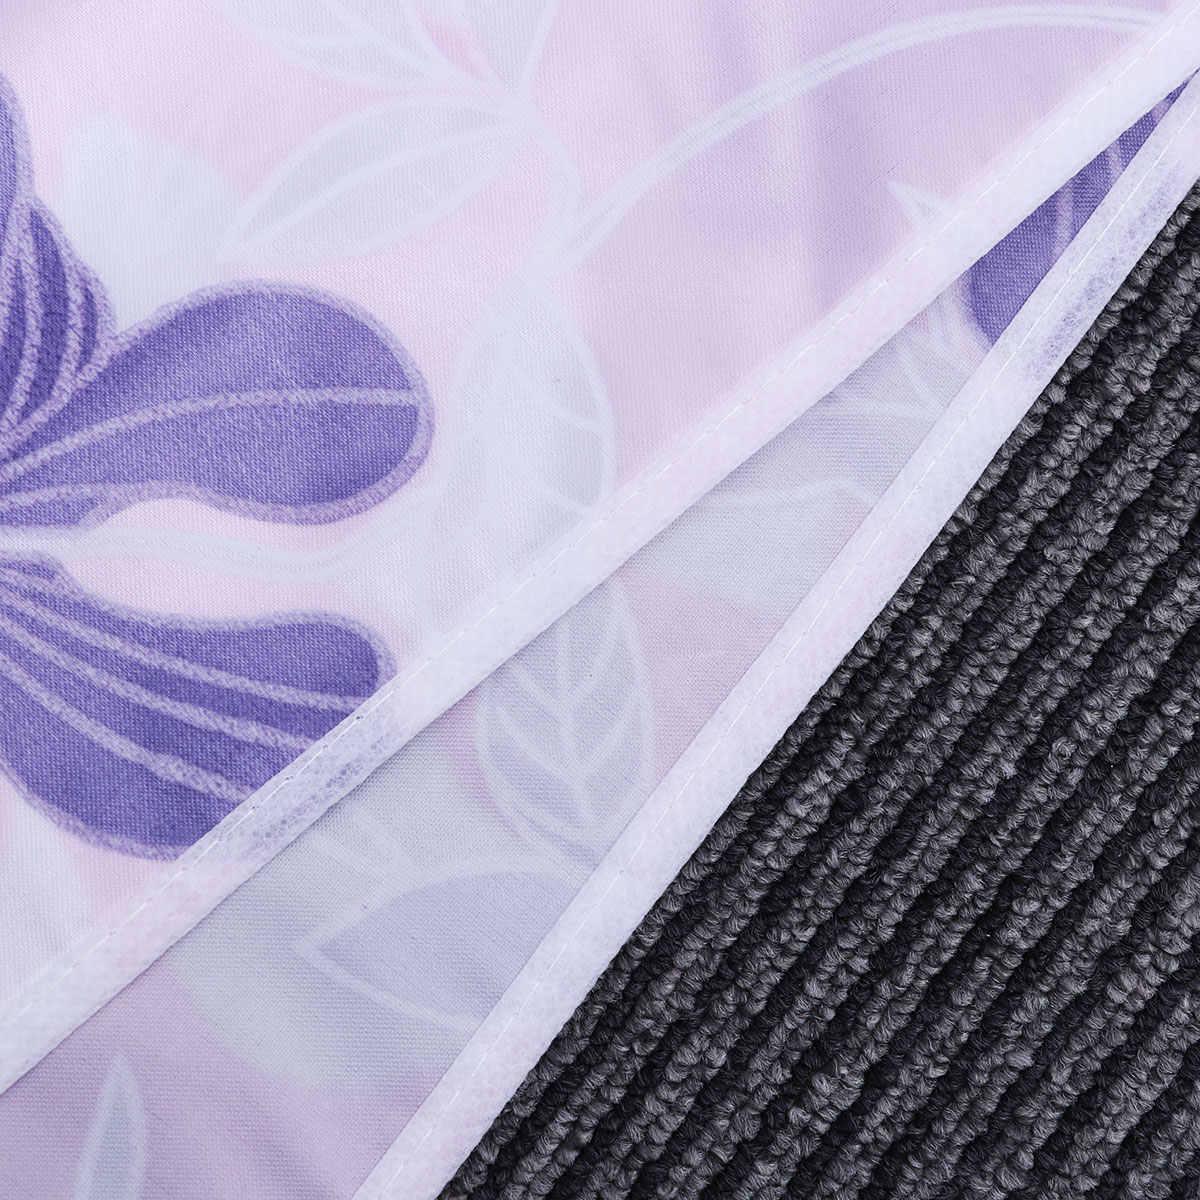 1 водонепроницаемый чехол для камеры солнцезащитный крем утолщаются бытовые товары Защитная Пылезащитная куртка стиральная машина Чехлы (большая бабочка)